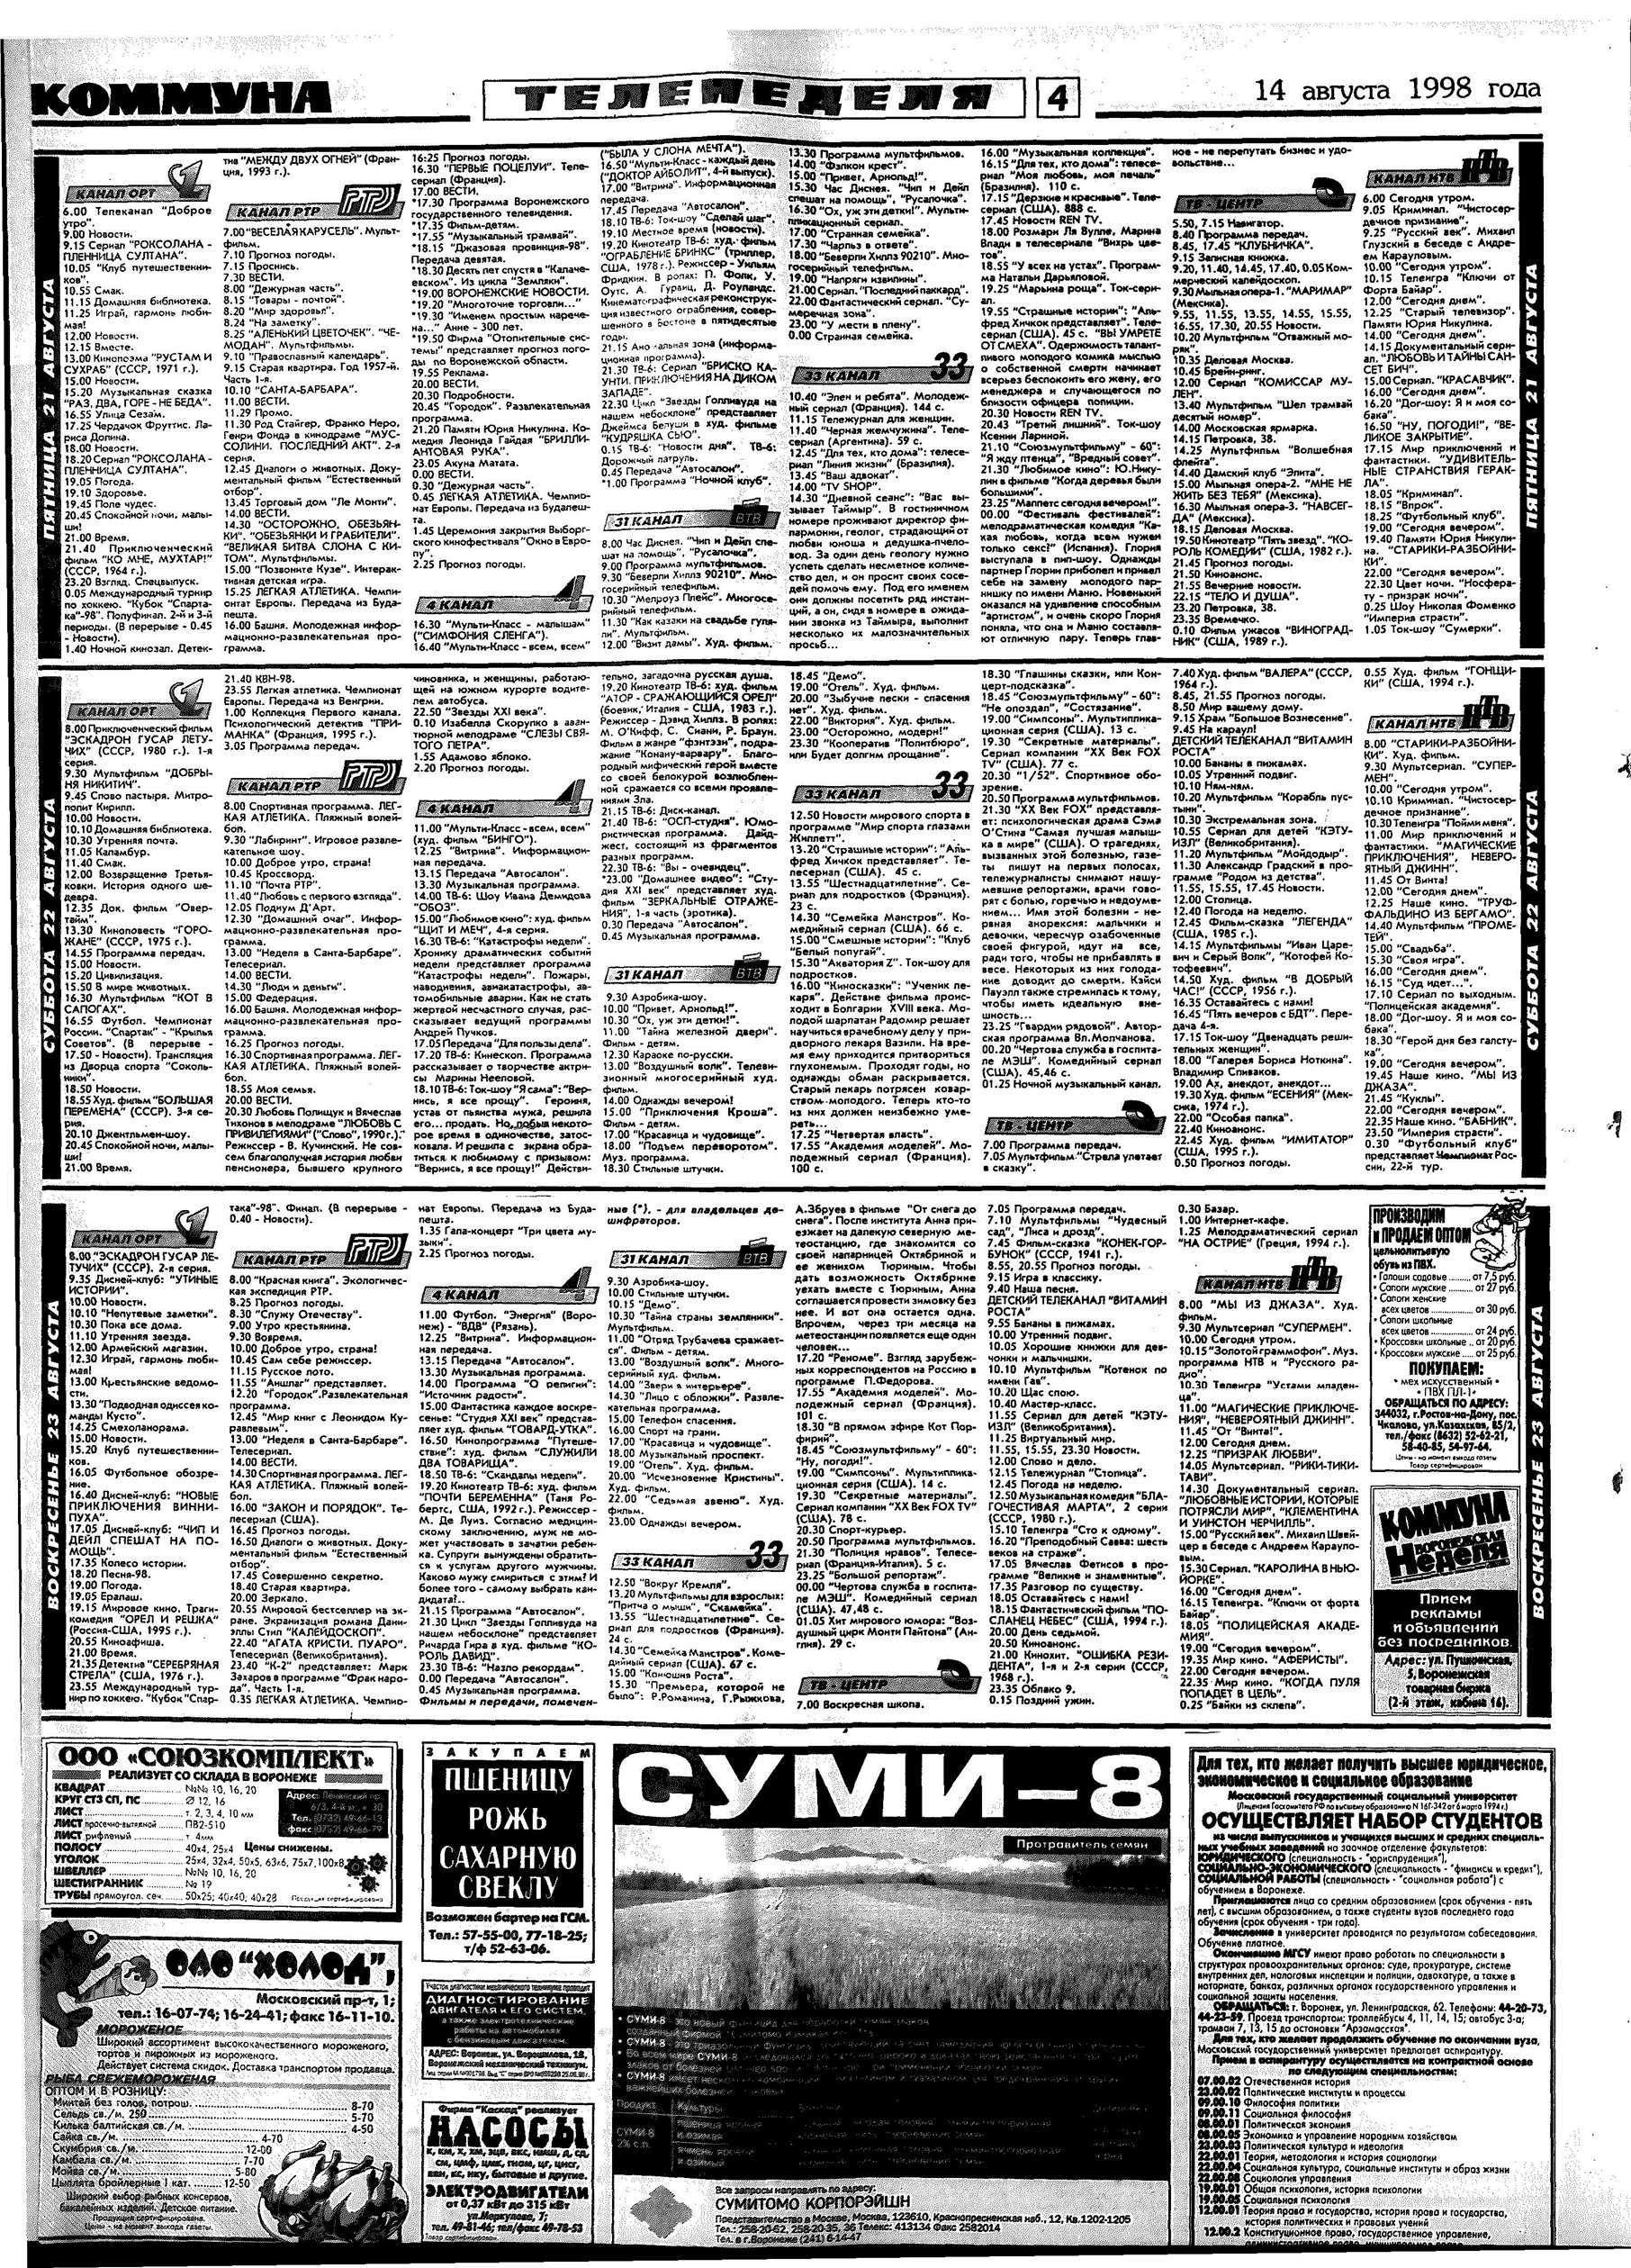 25 канал объявления работа димитровград сайт работа в москве бесплатные объявления